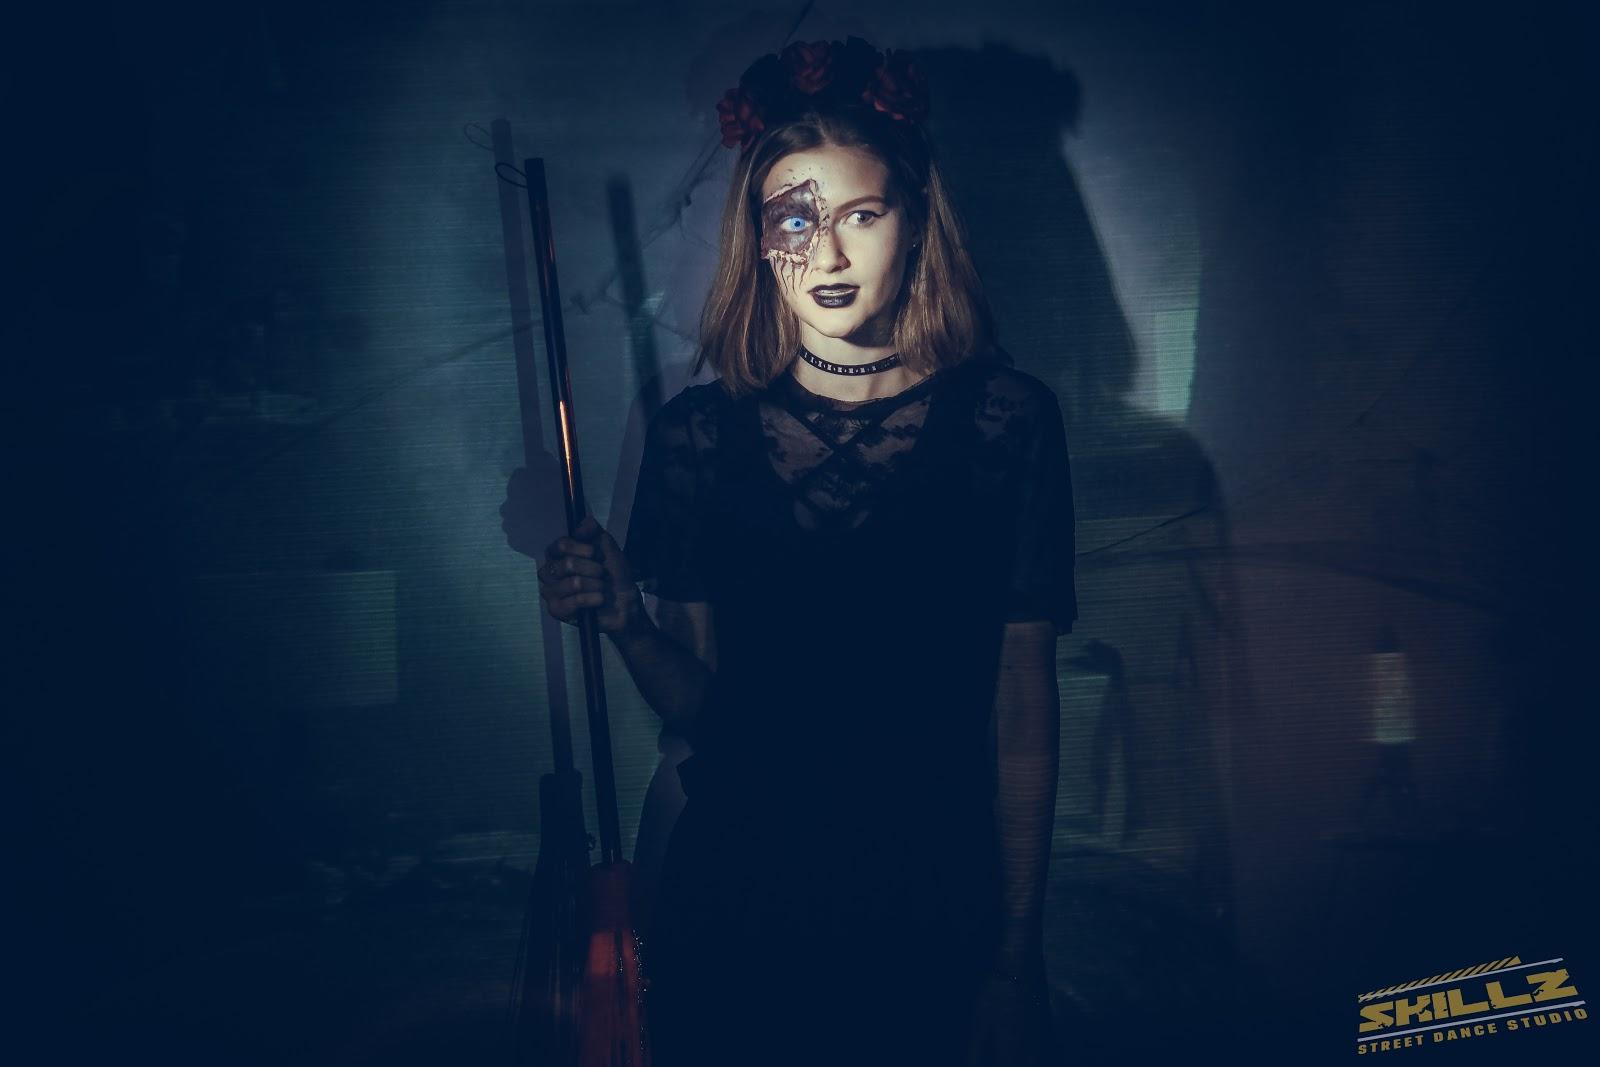 Naujikų krikštynos @SKILLZ (Halloween tema) - PANA1774.jpg